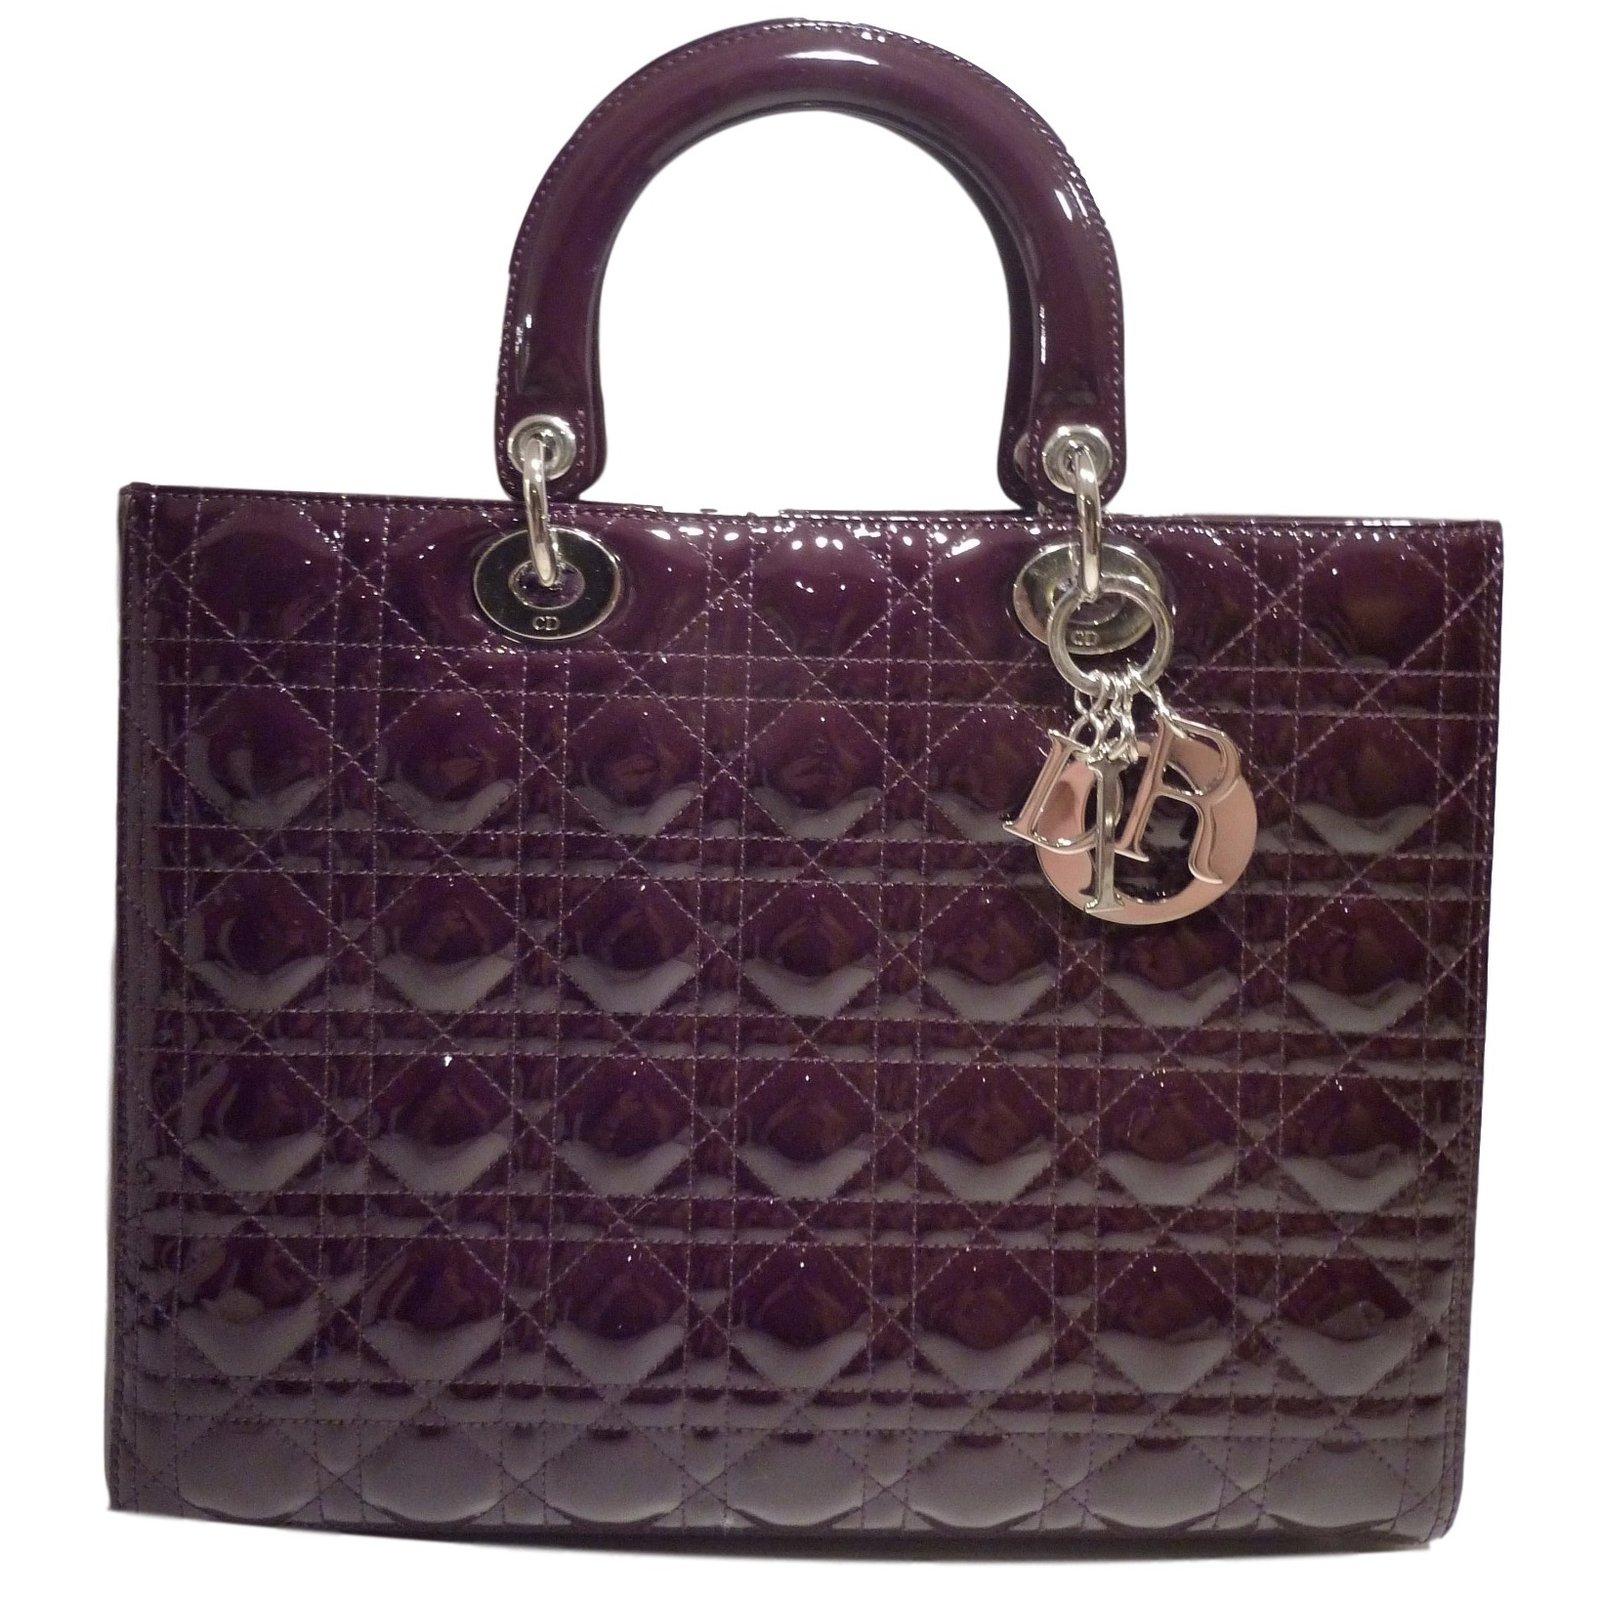 9781351c19d2 Sacs à main Dior lady dior Cuir vernis Violet ref.22739 - Joli Closet